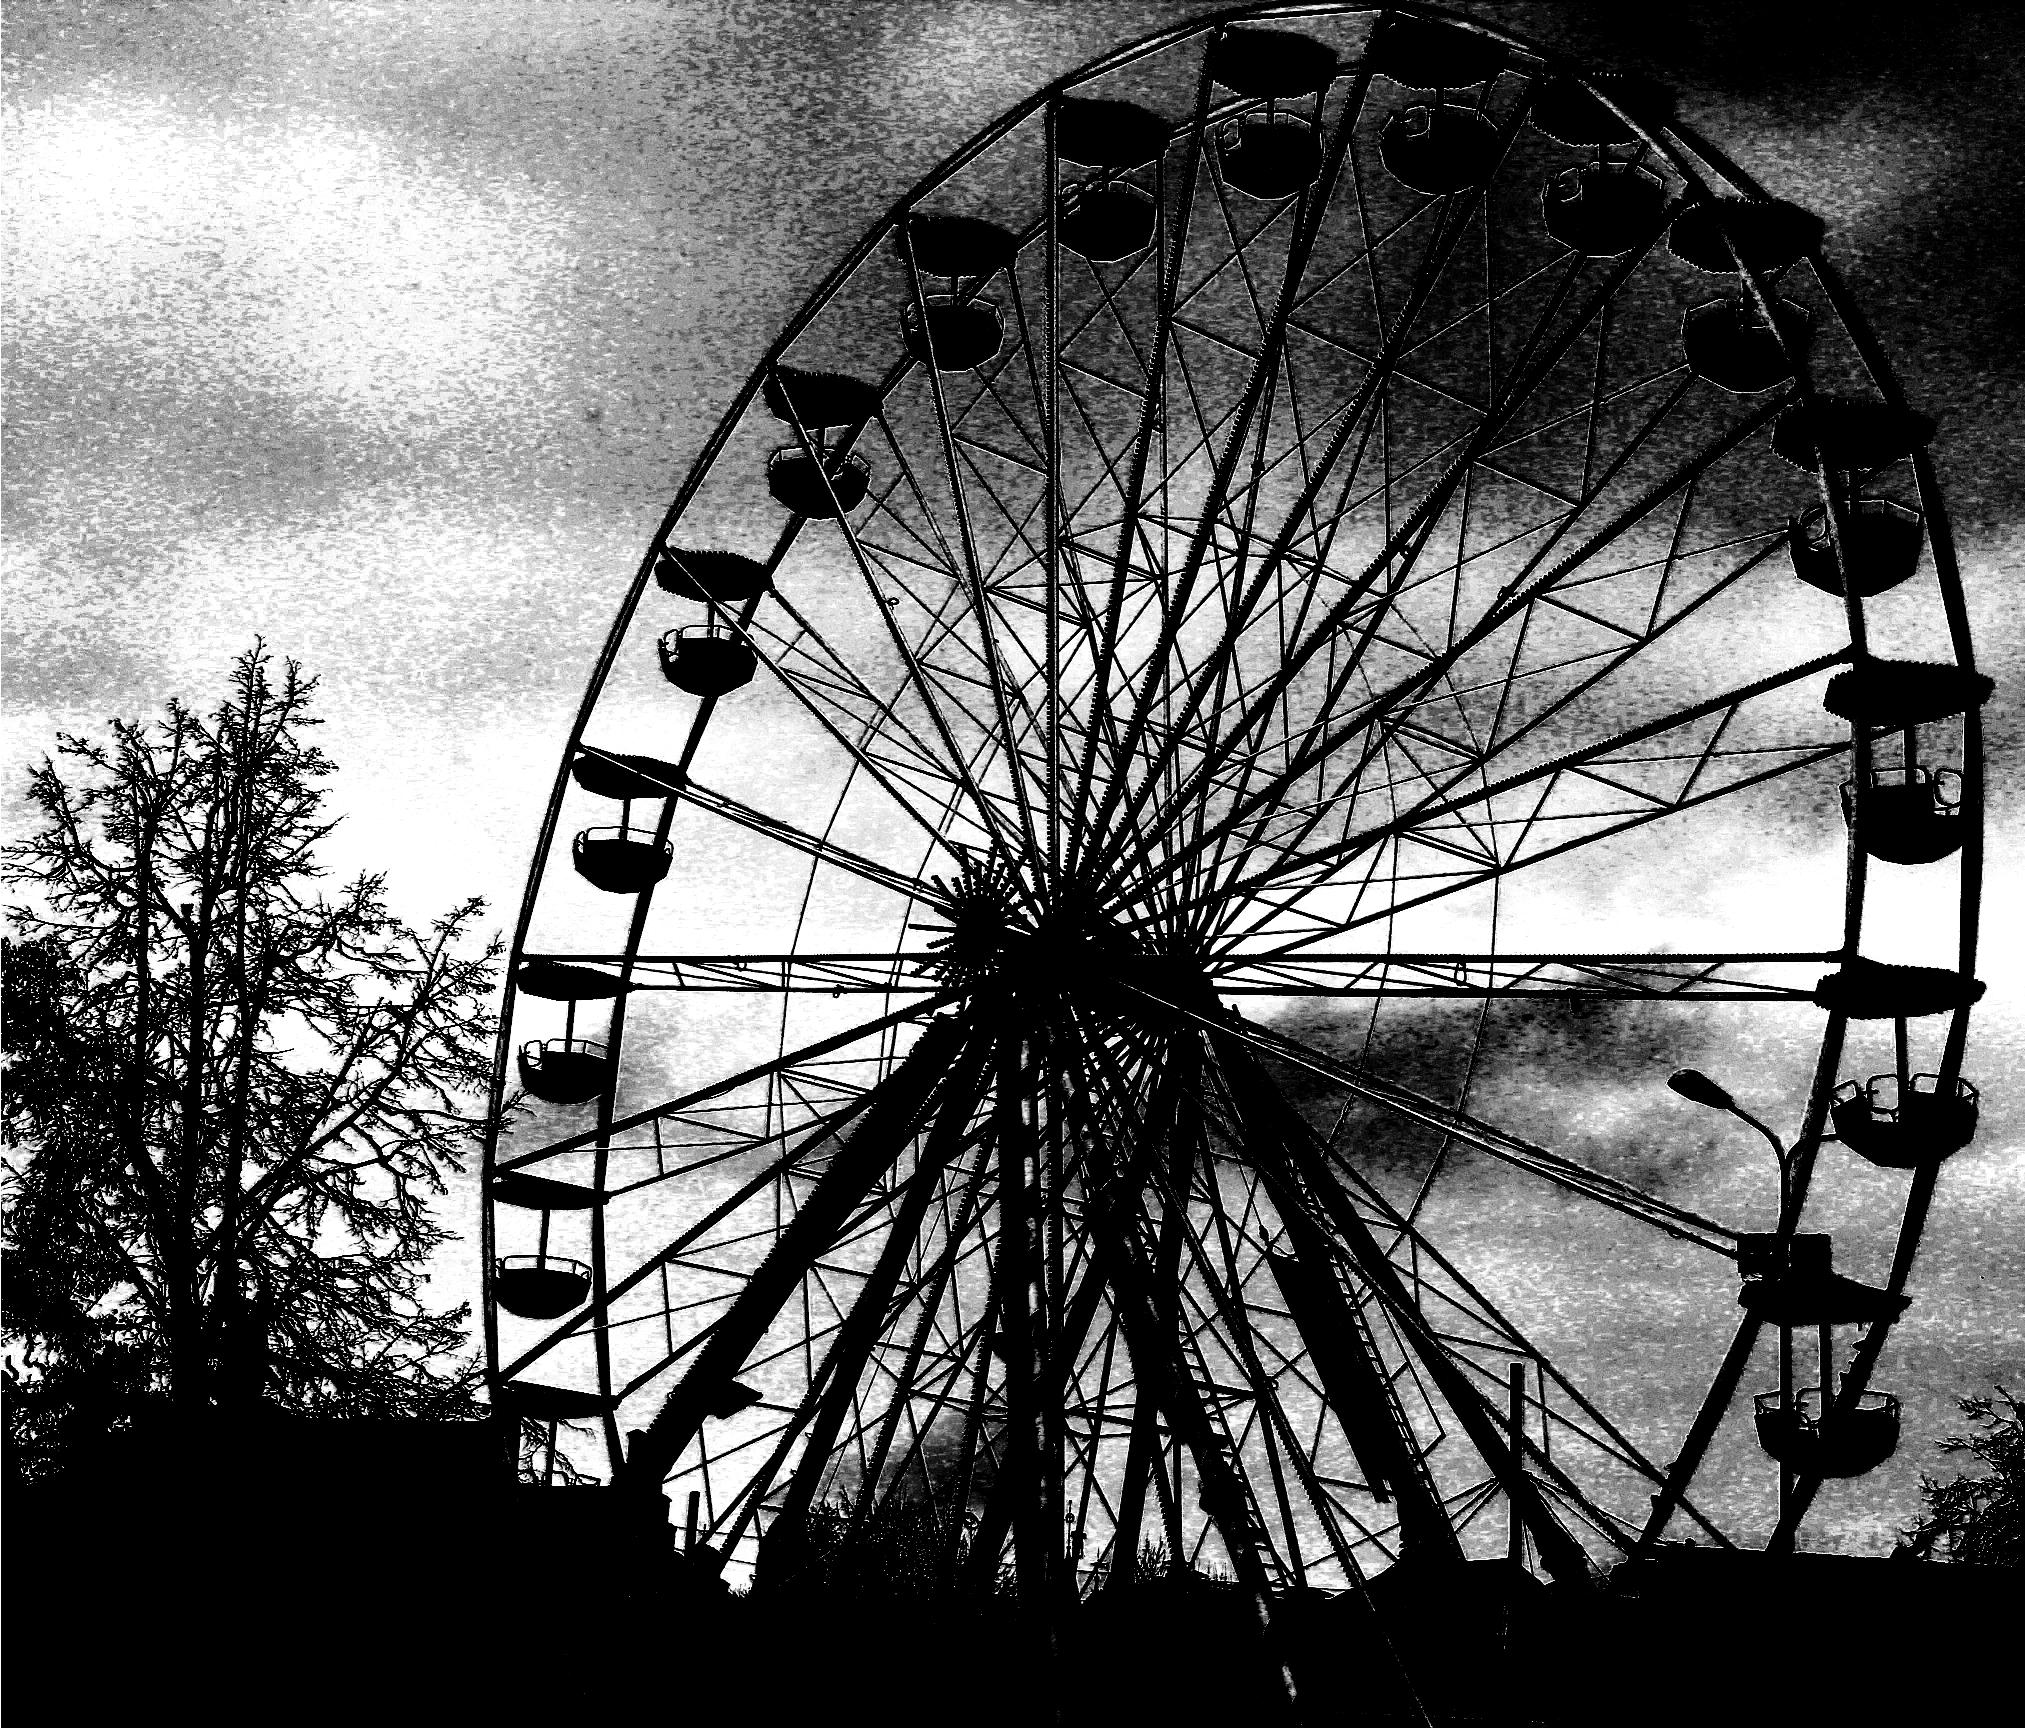 Scary Ferris Wheel